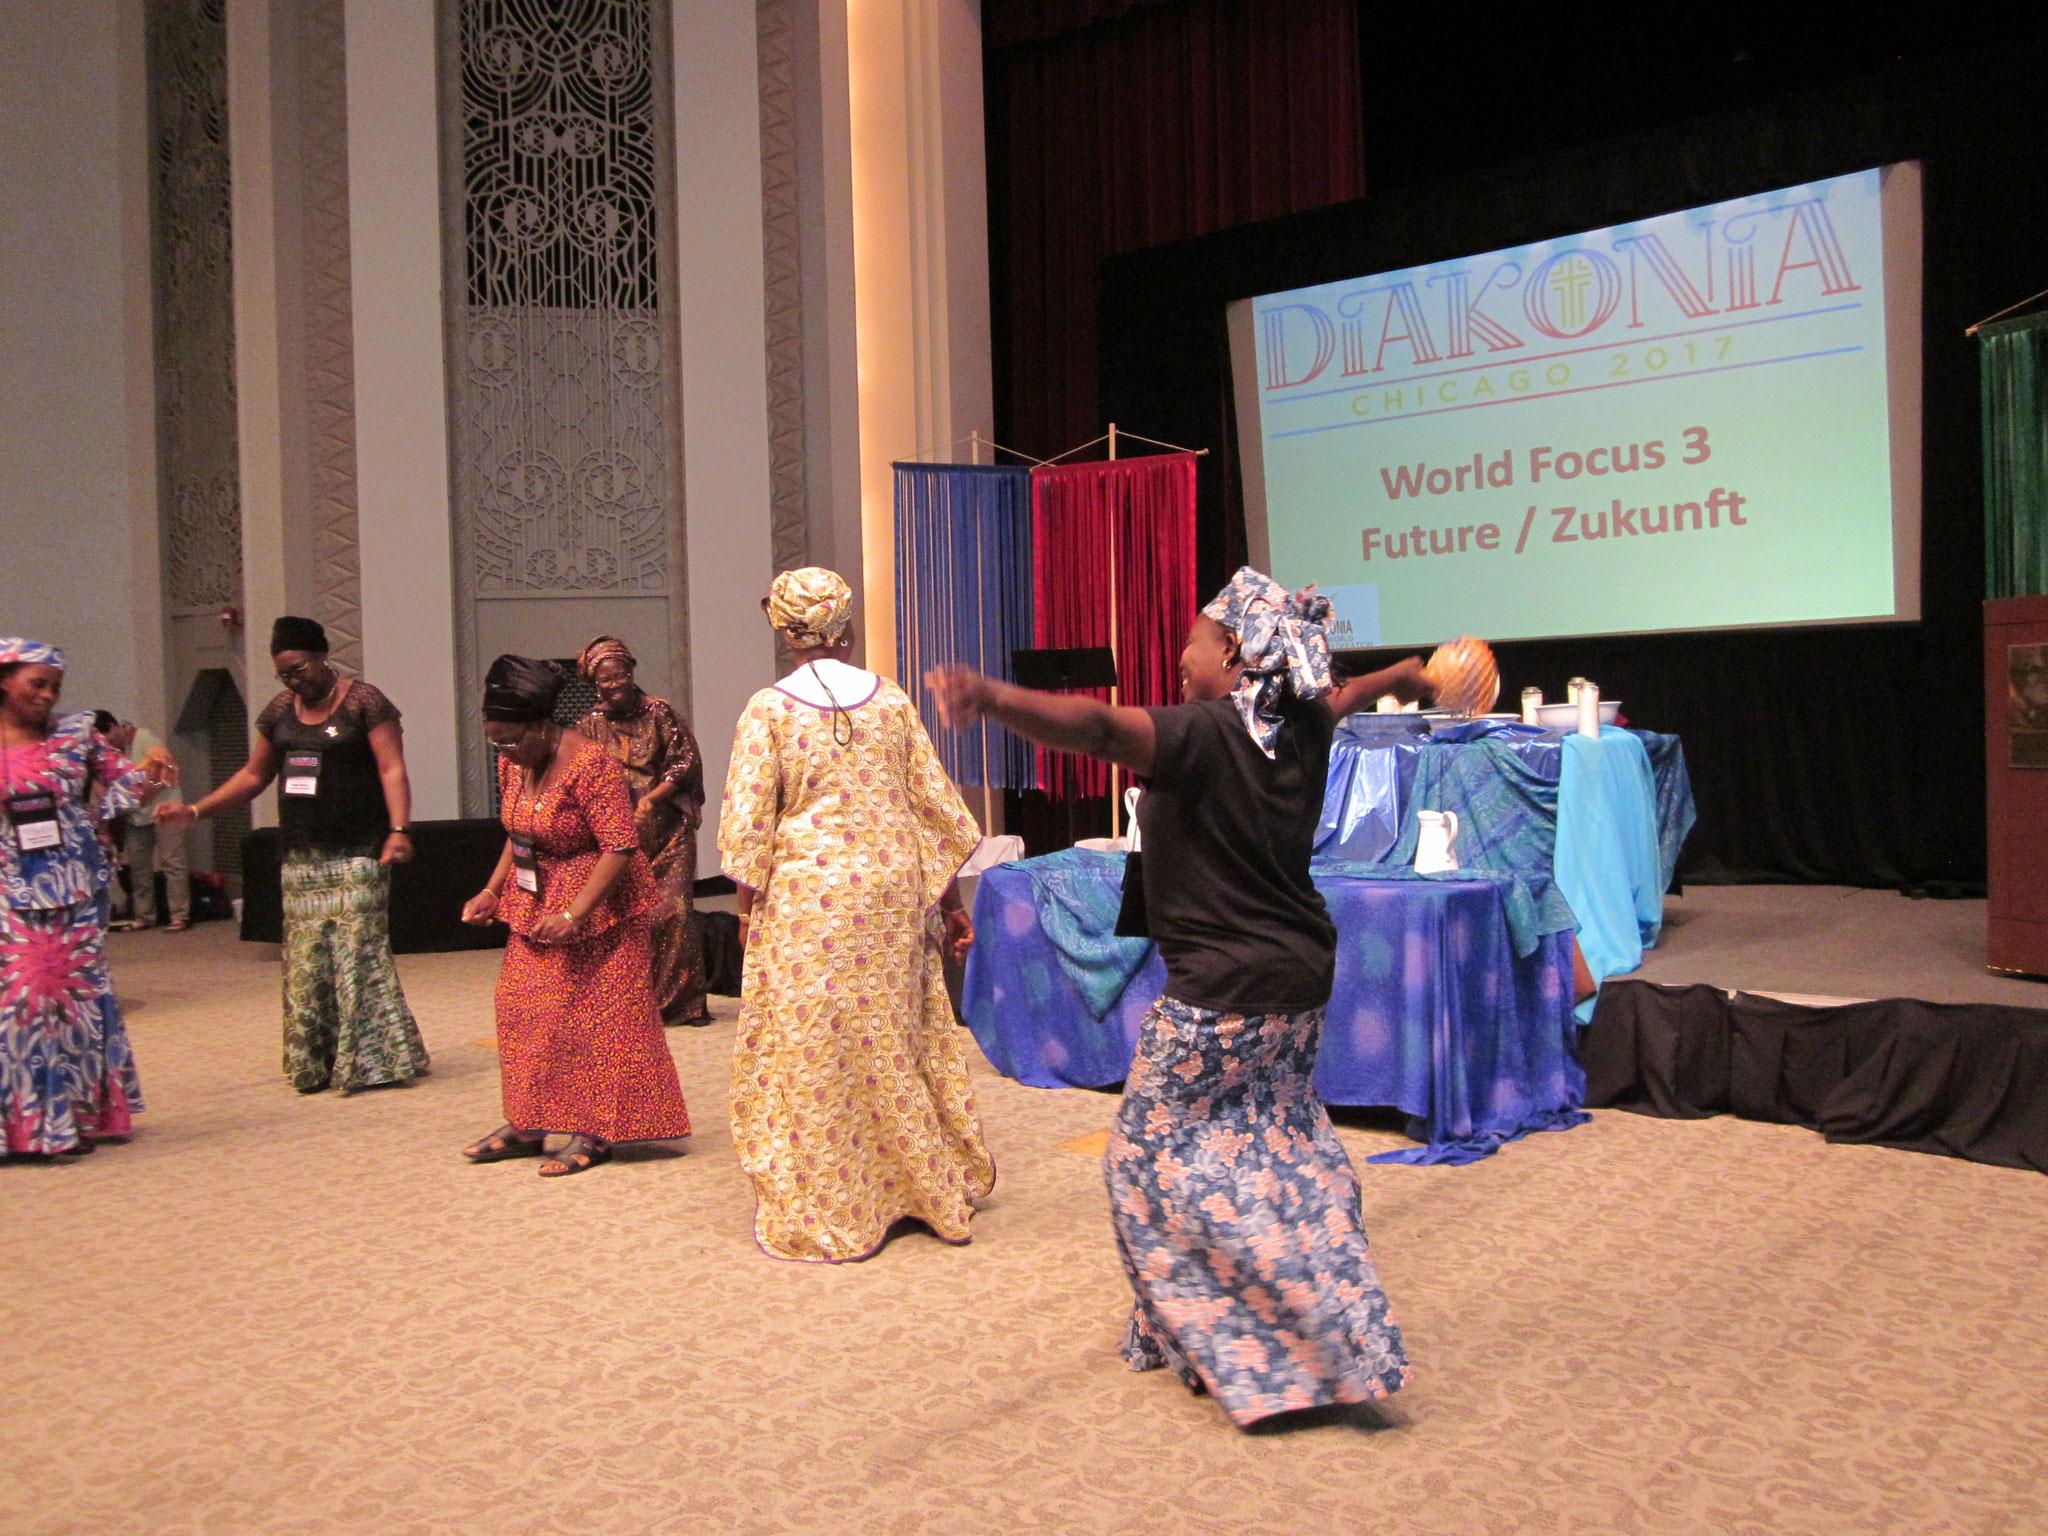 喜びにあふれ踊るアフリカからの参加者